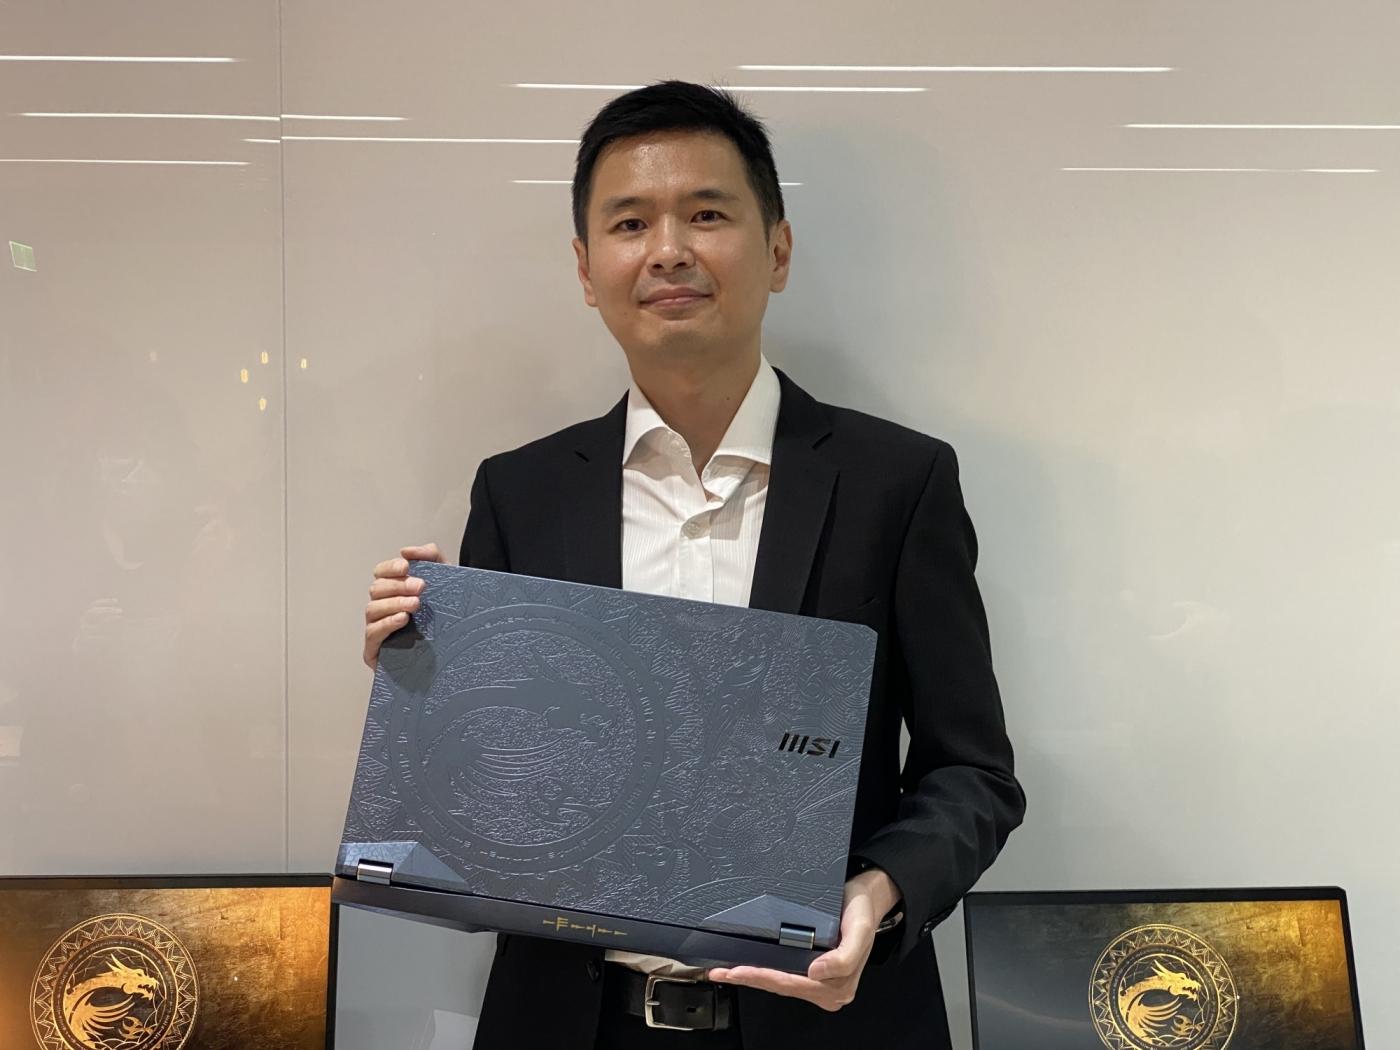 【CES 2021】放話不缺貨、產品最多!微星搶當電競霸主為何重押英特爾配NVIDIA